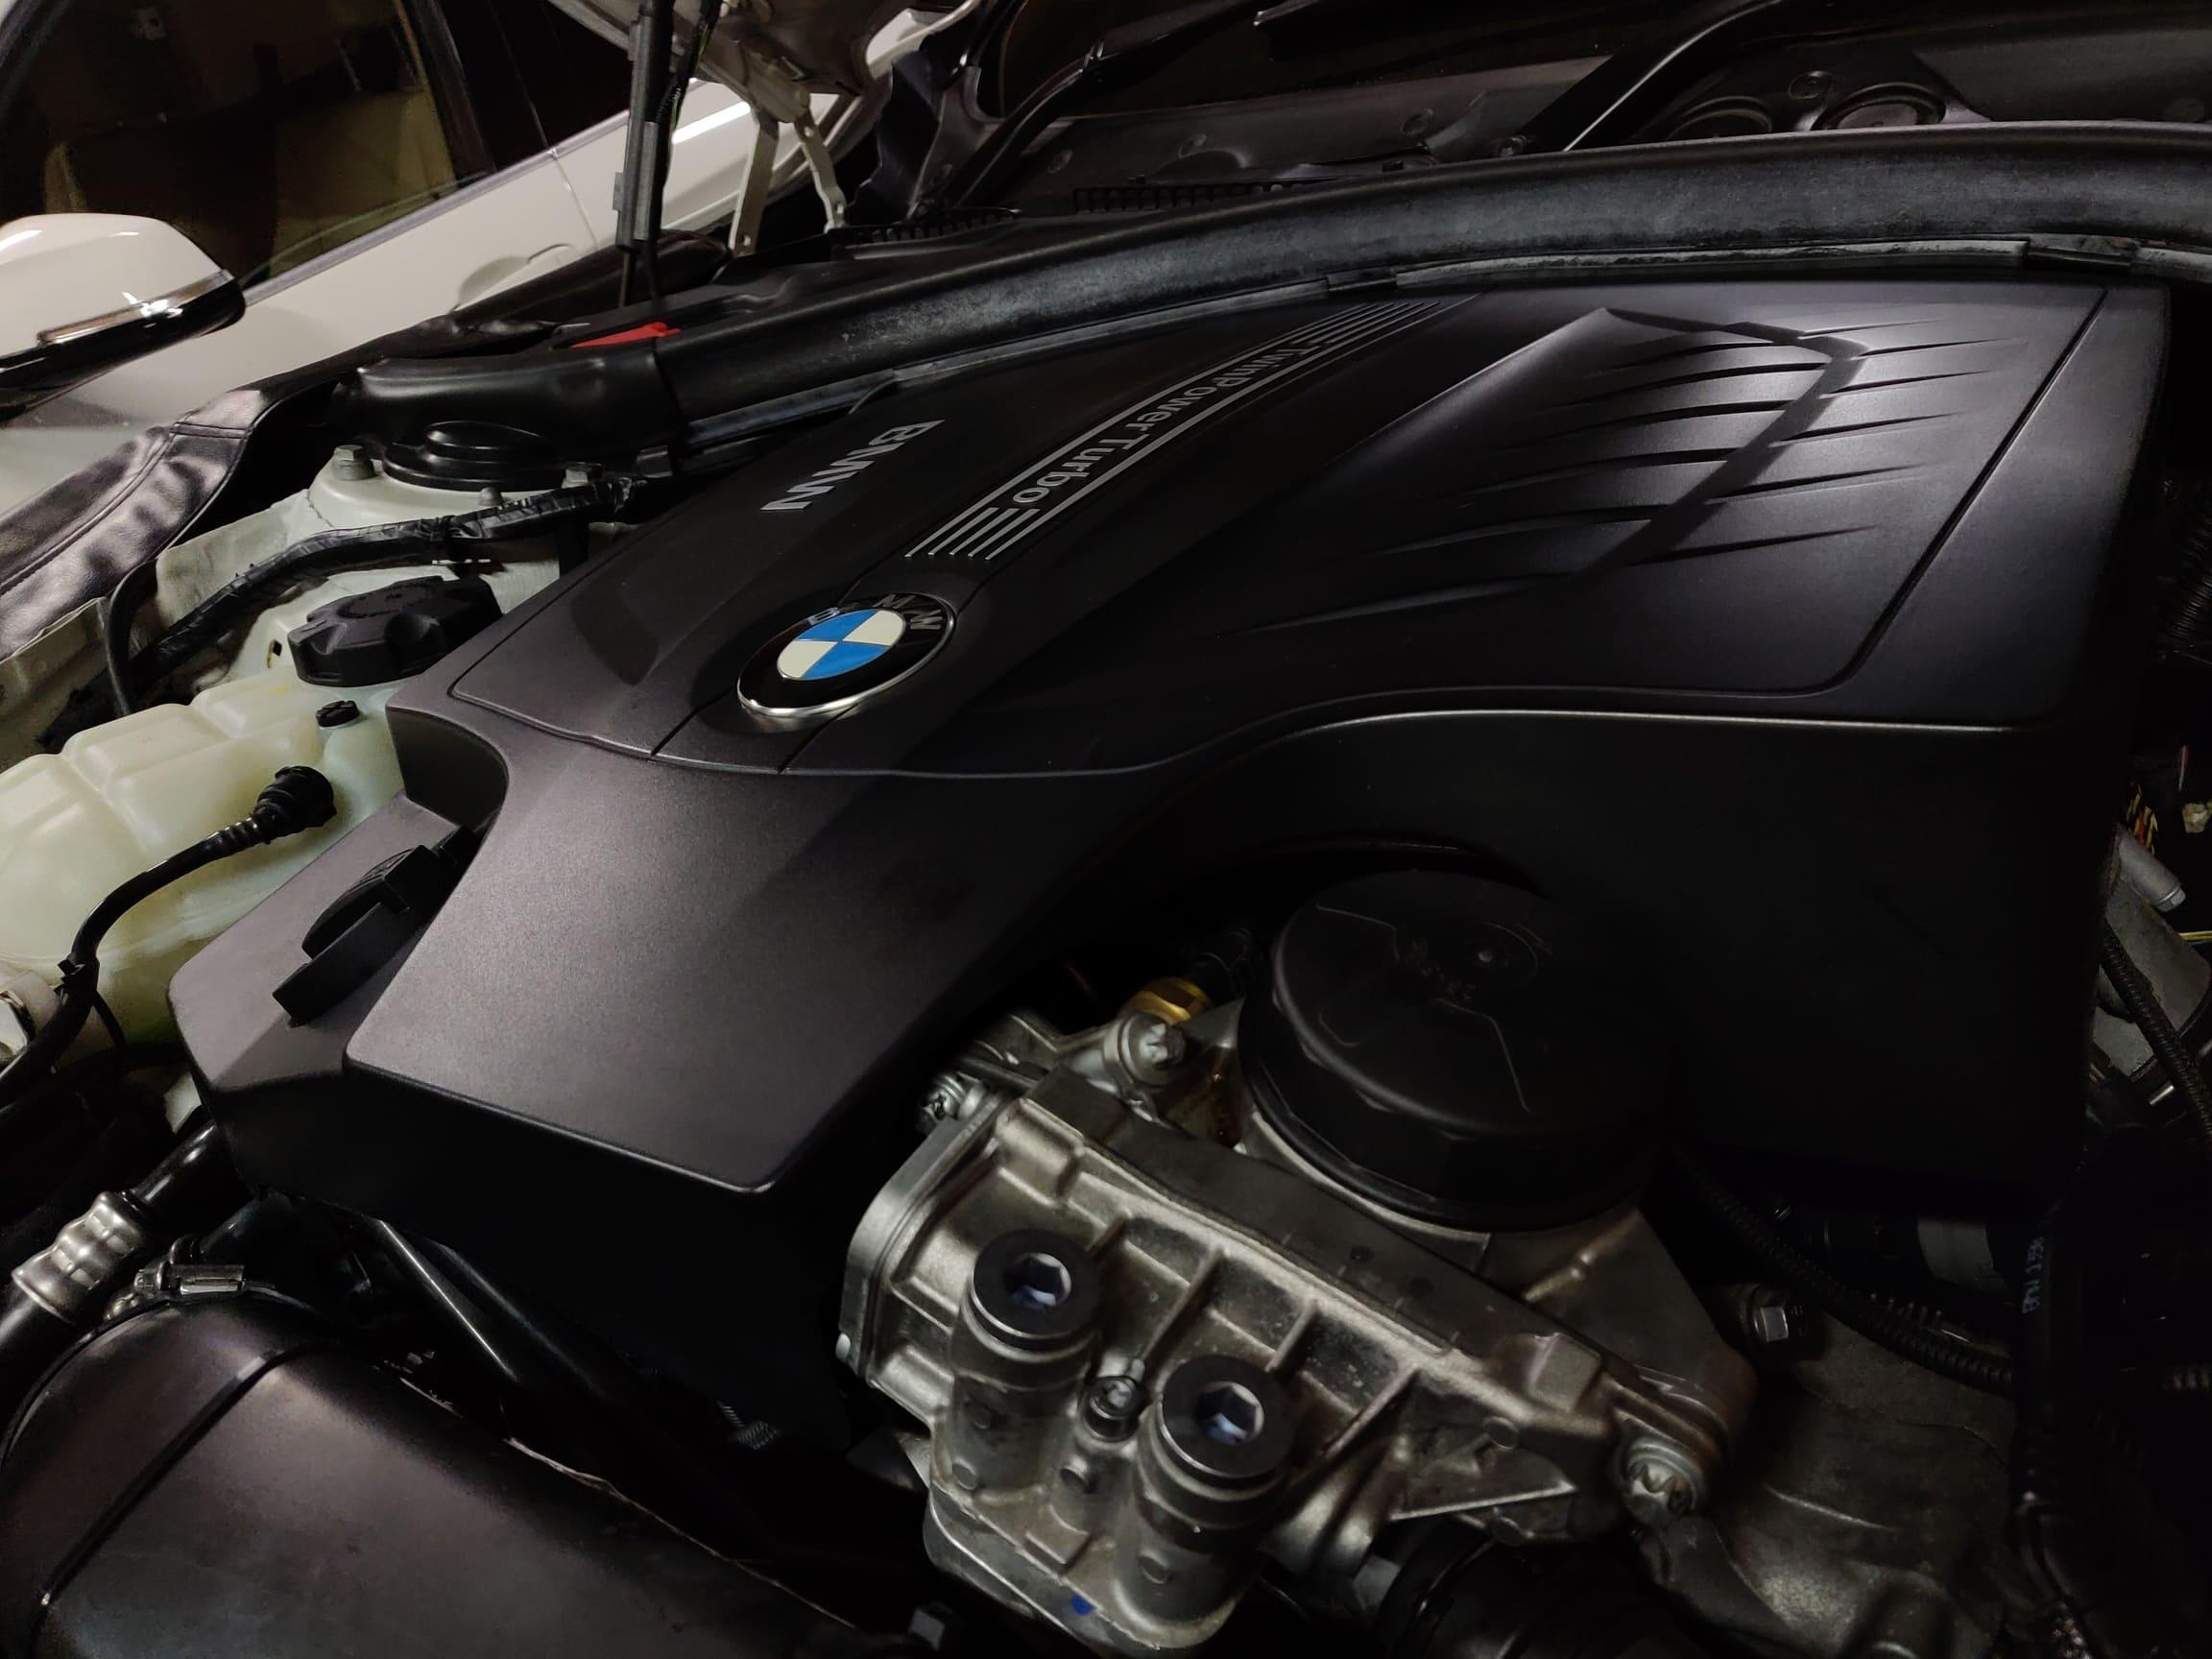 【BMWのメンテナンス】BMWのエンジンオイルの最適な交換時期